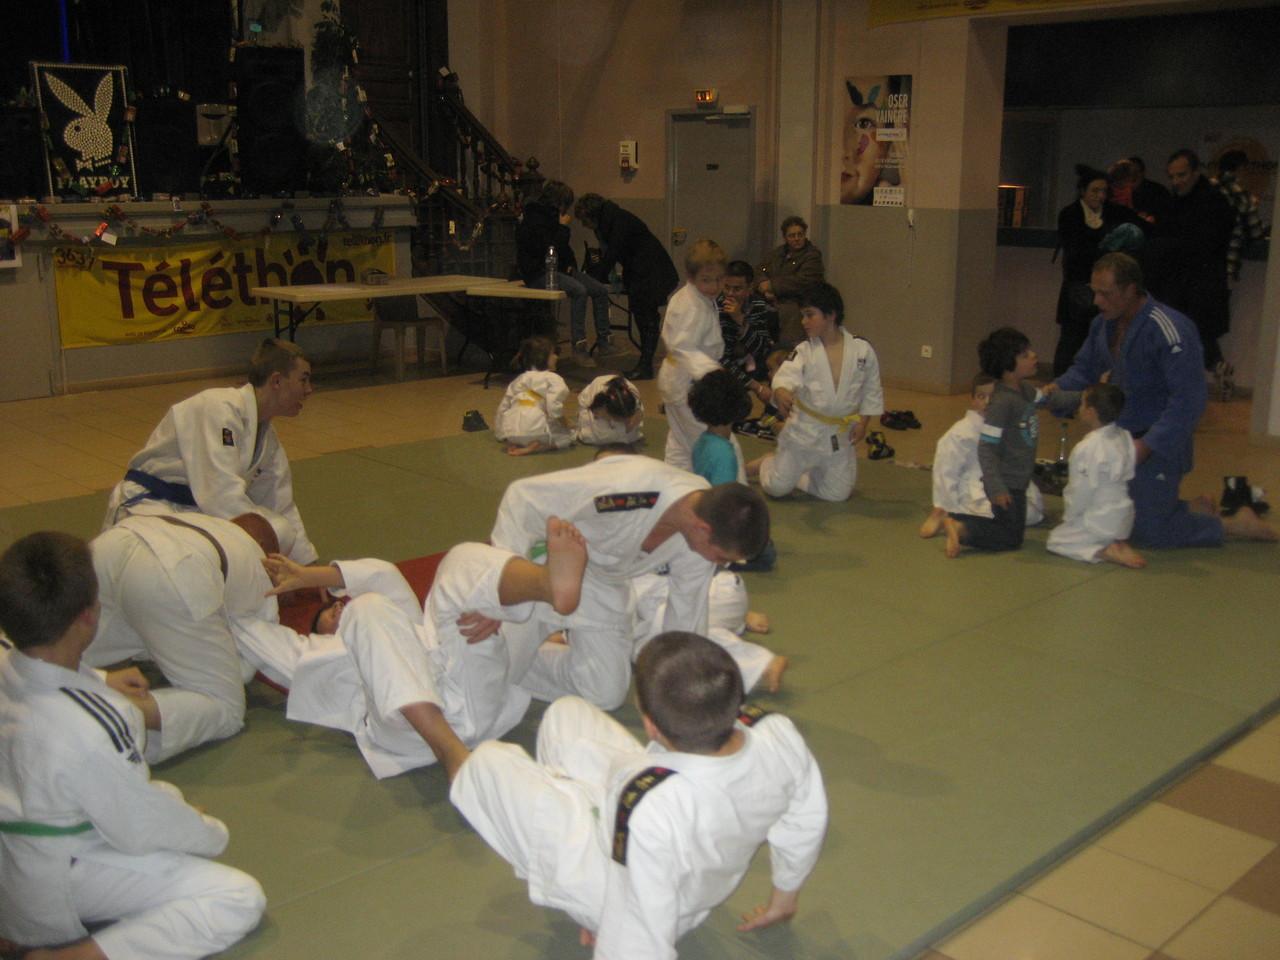 Les judokas ont encore fait de belles démonstrations